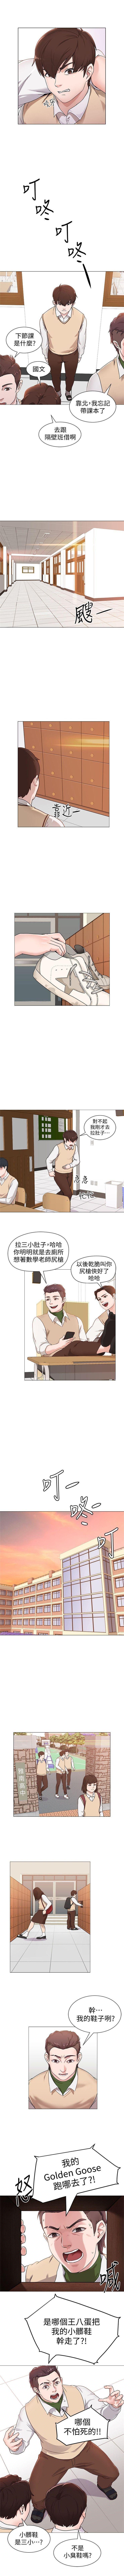 老師 1-80 官方中文(連載中) 4